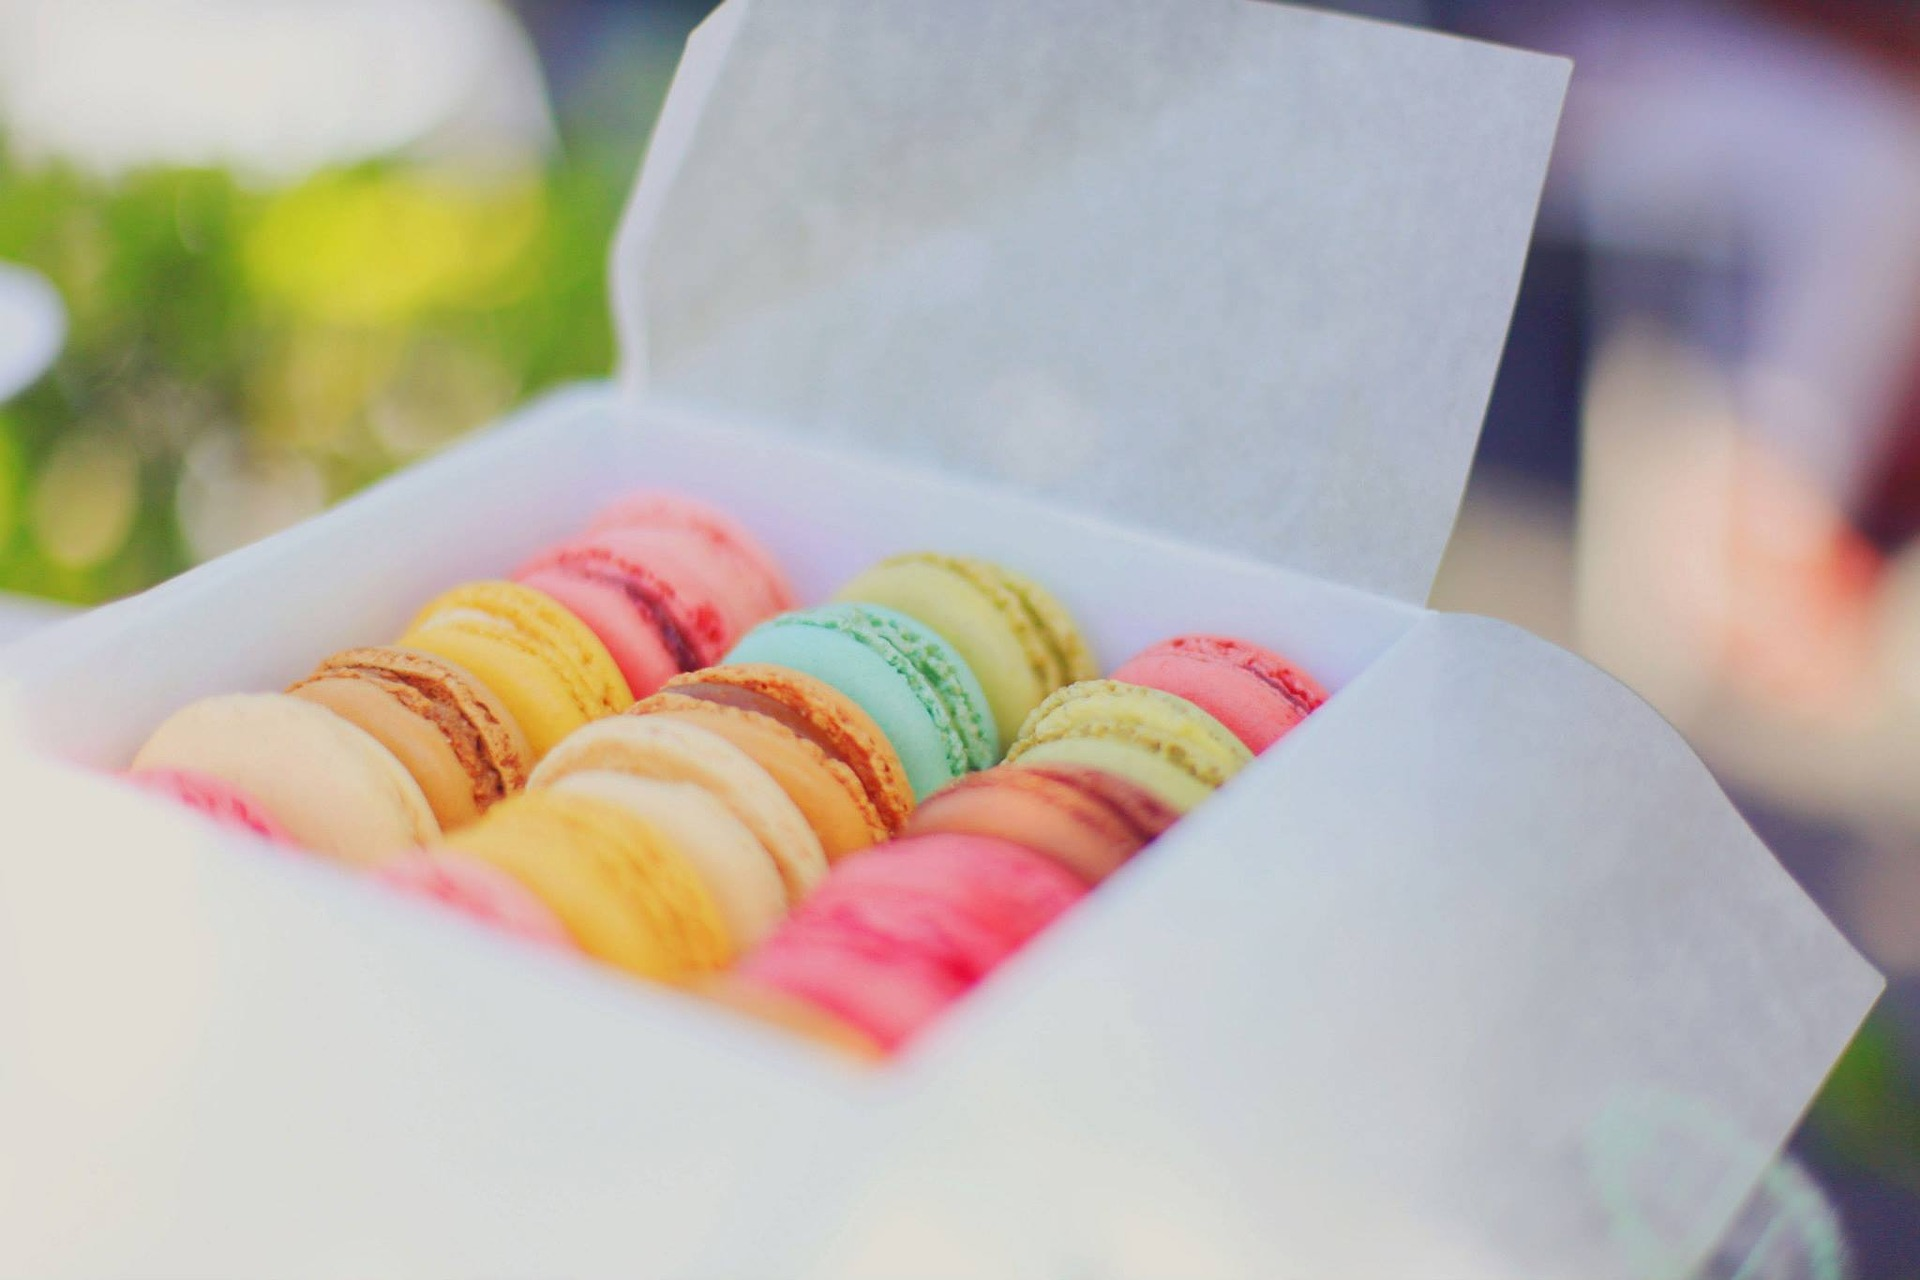 Los macarons, dulces típicos de la repostería francesa, se han convertido en un básico en cada escaparate pastelero